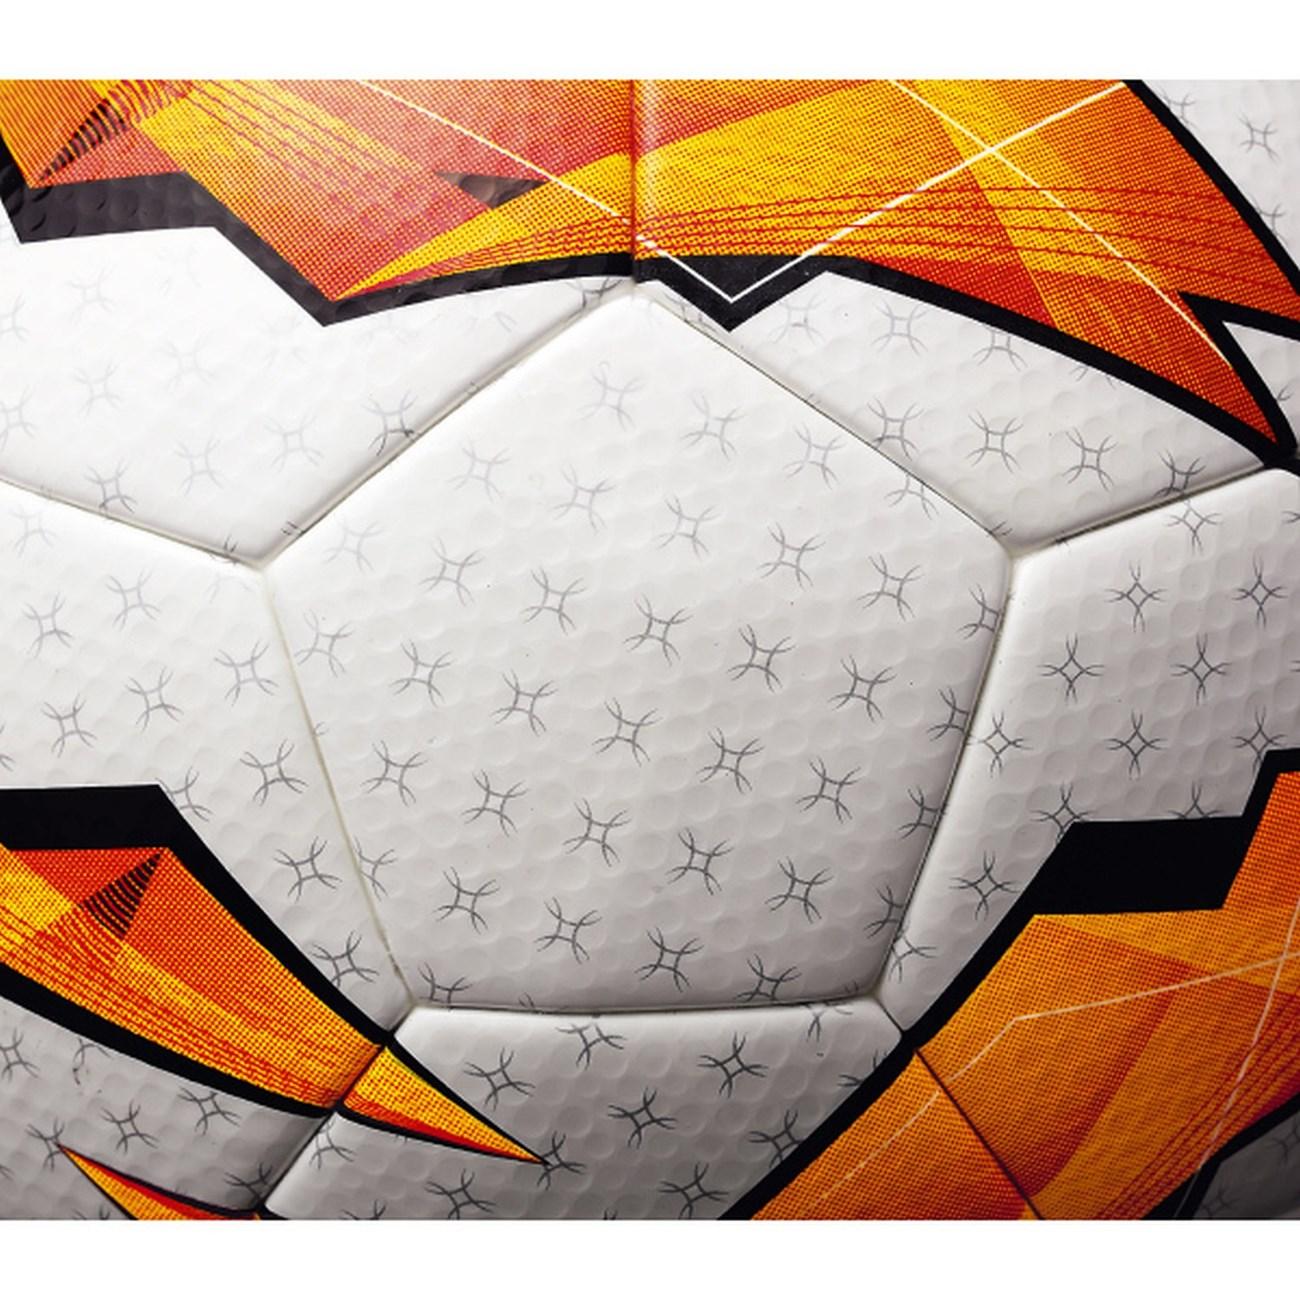 MOLTEN EUROPA LEAGUE OFFICIAL MATCHBALL   Μπάλες Ποδοσφαίρου ... 1c084c7e02c